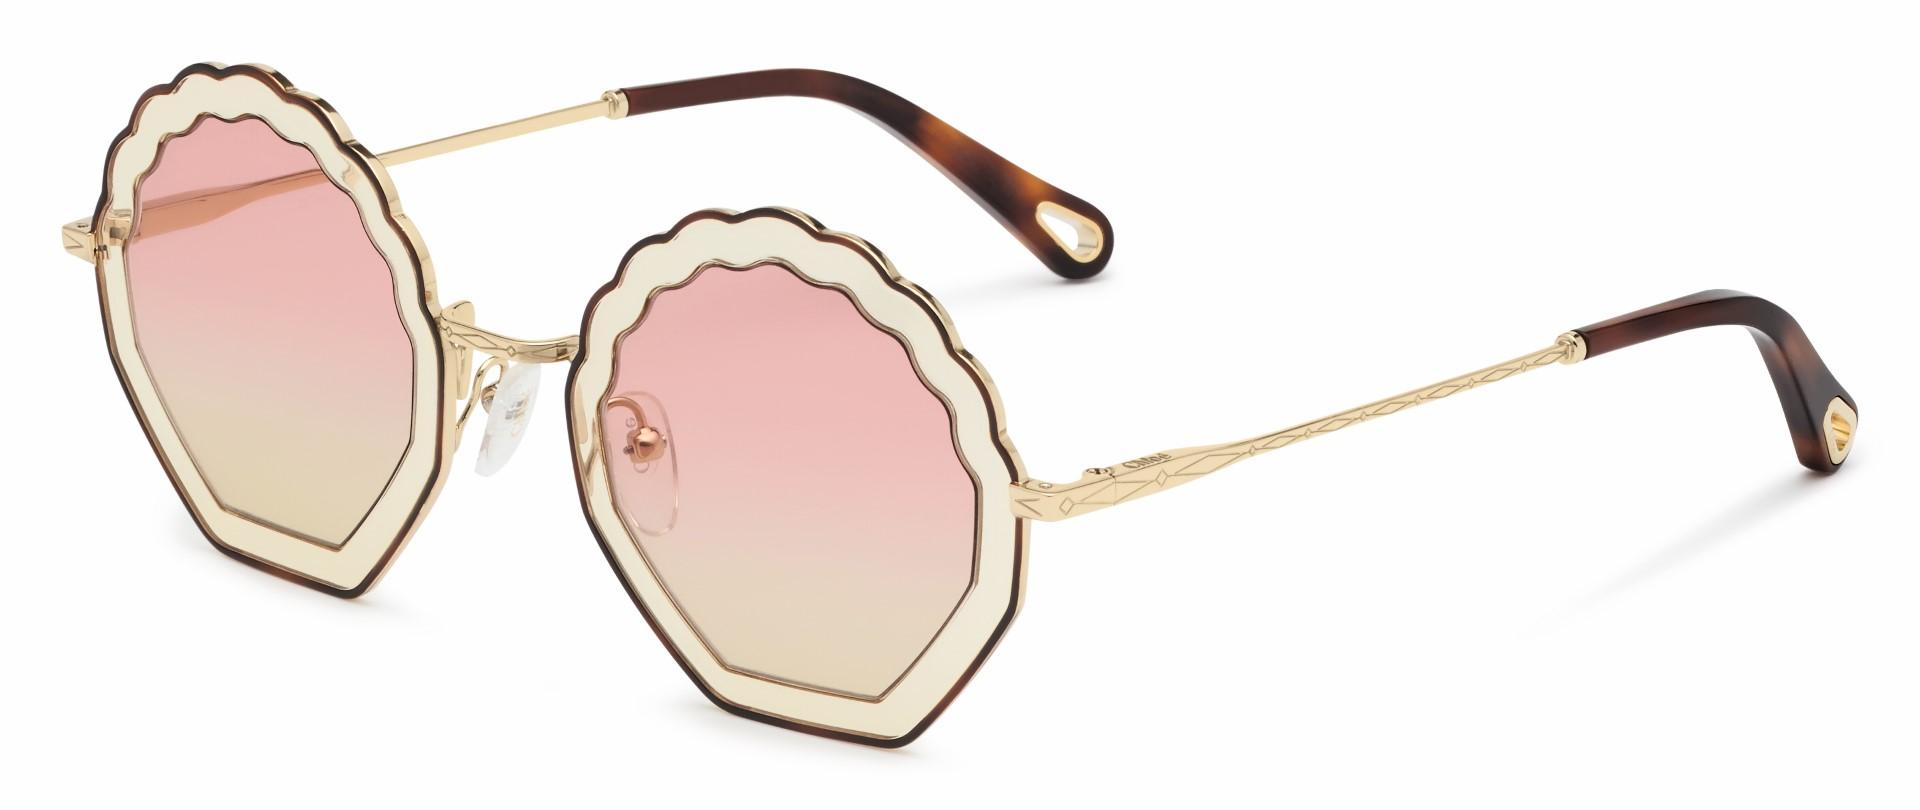 Chloé occhiali da sole 2018